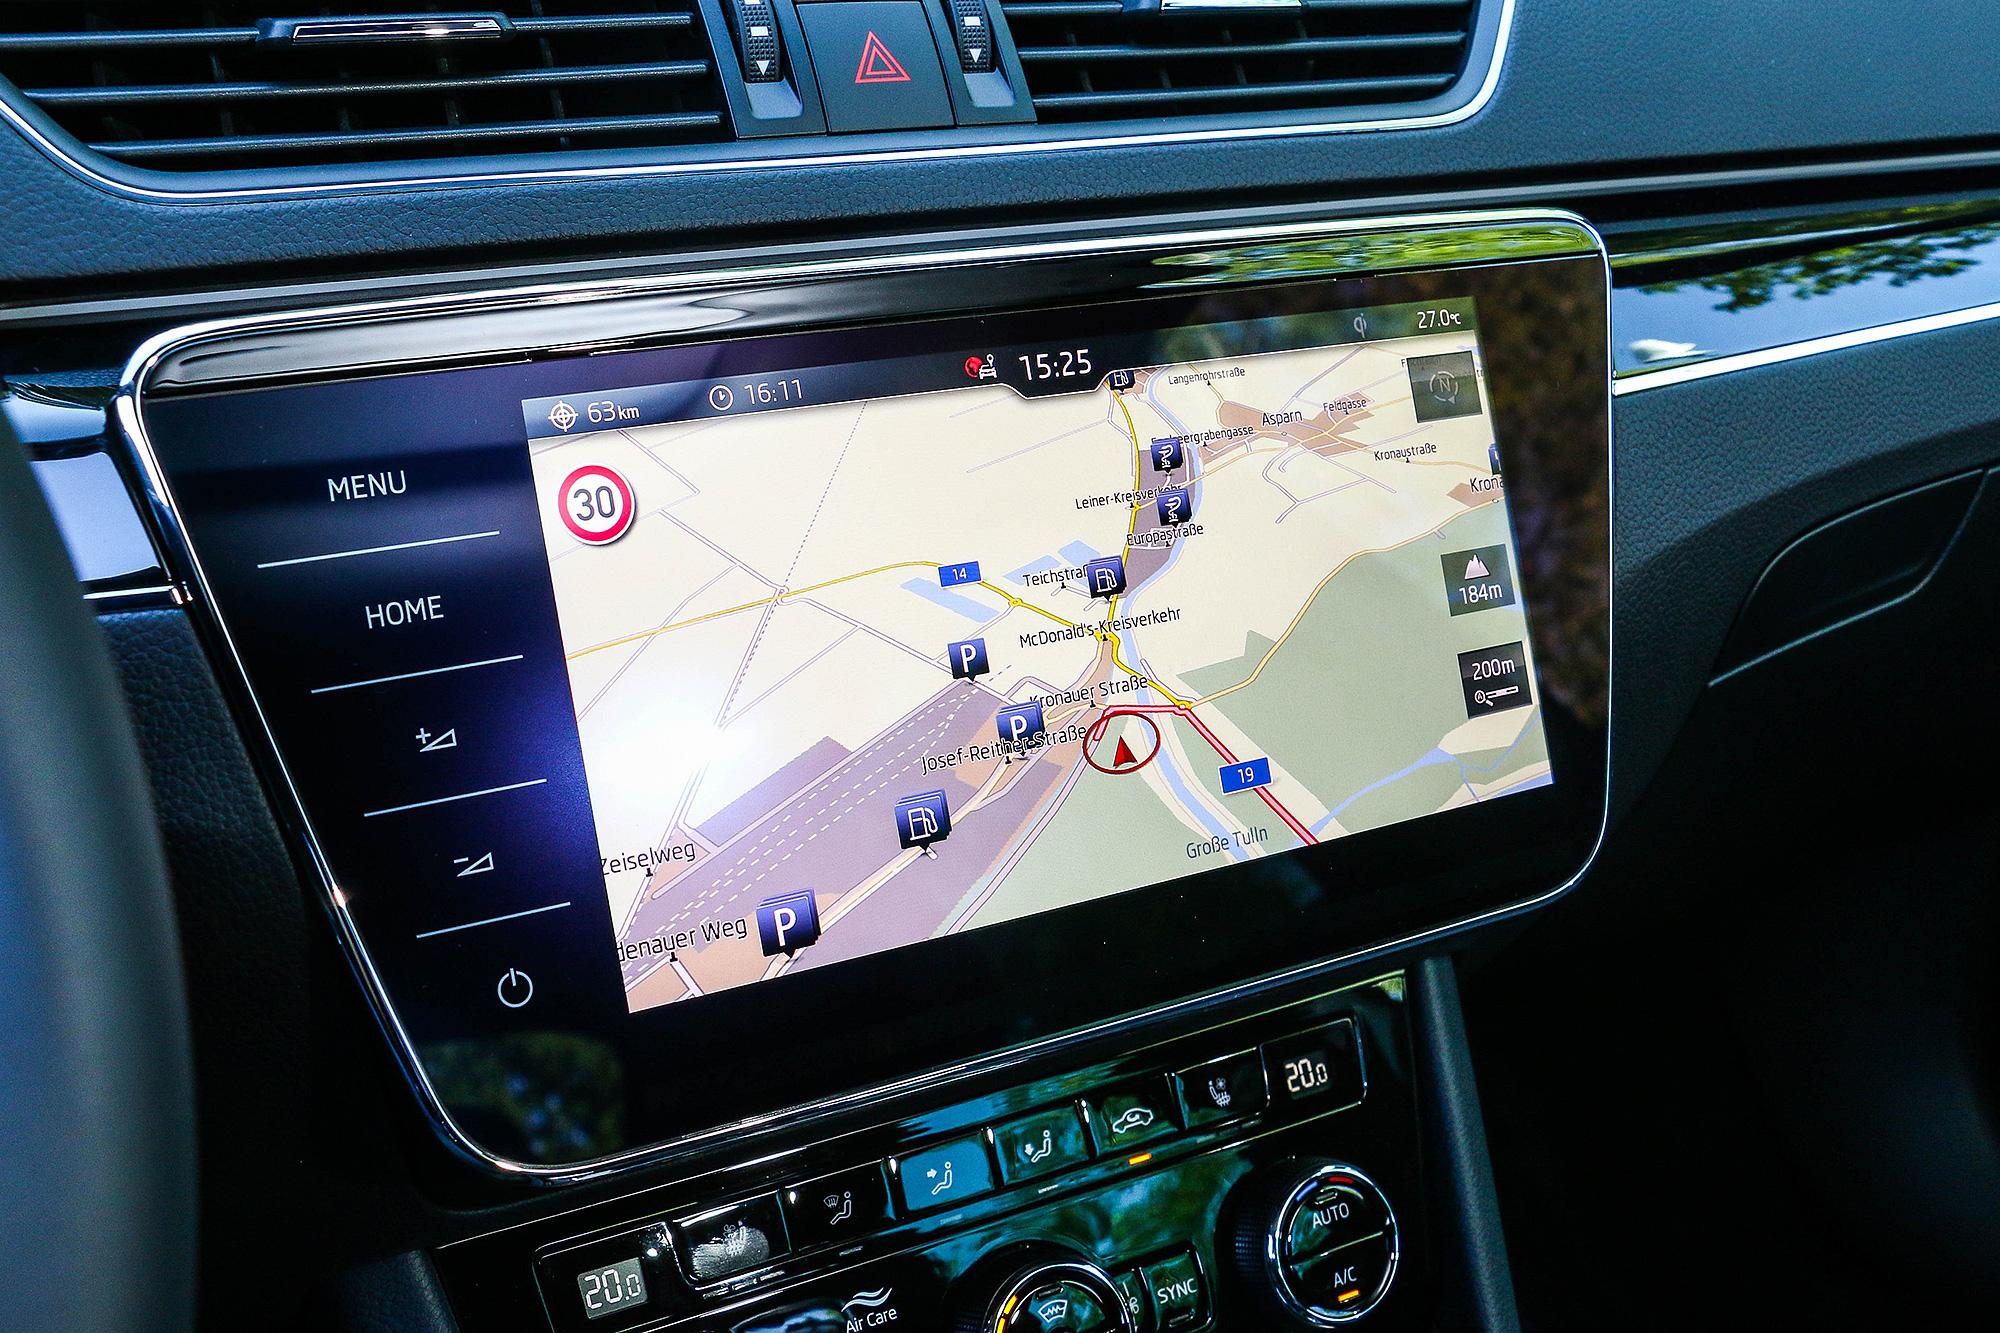 9.2 吋的中控台螢幕暫時還是缺席在台灣規格的車型上。